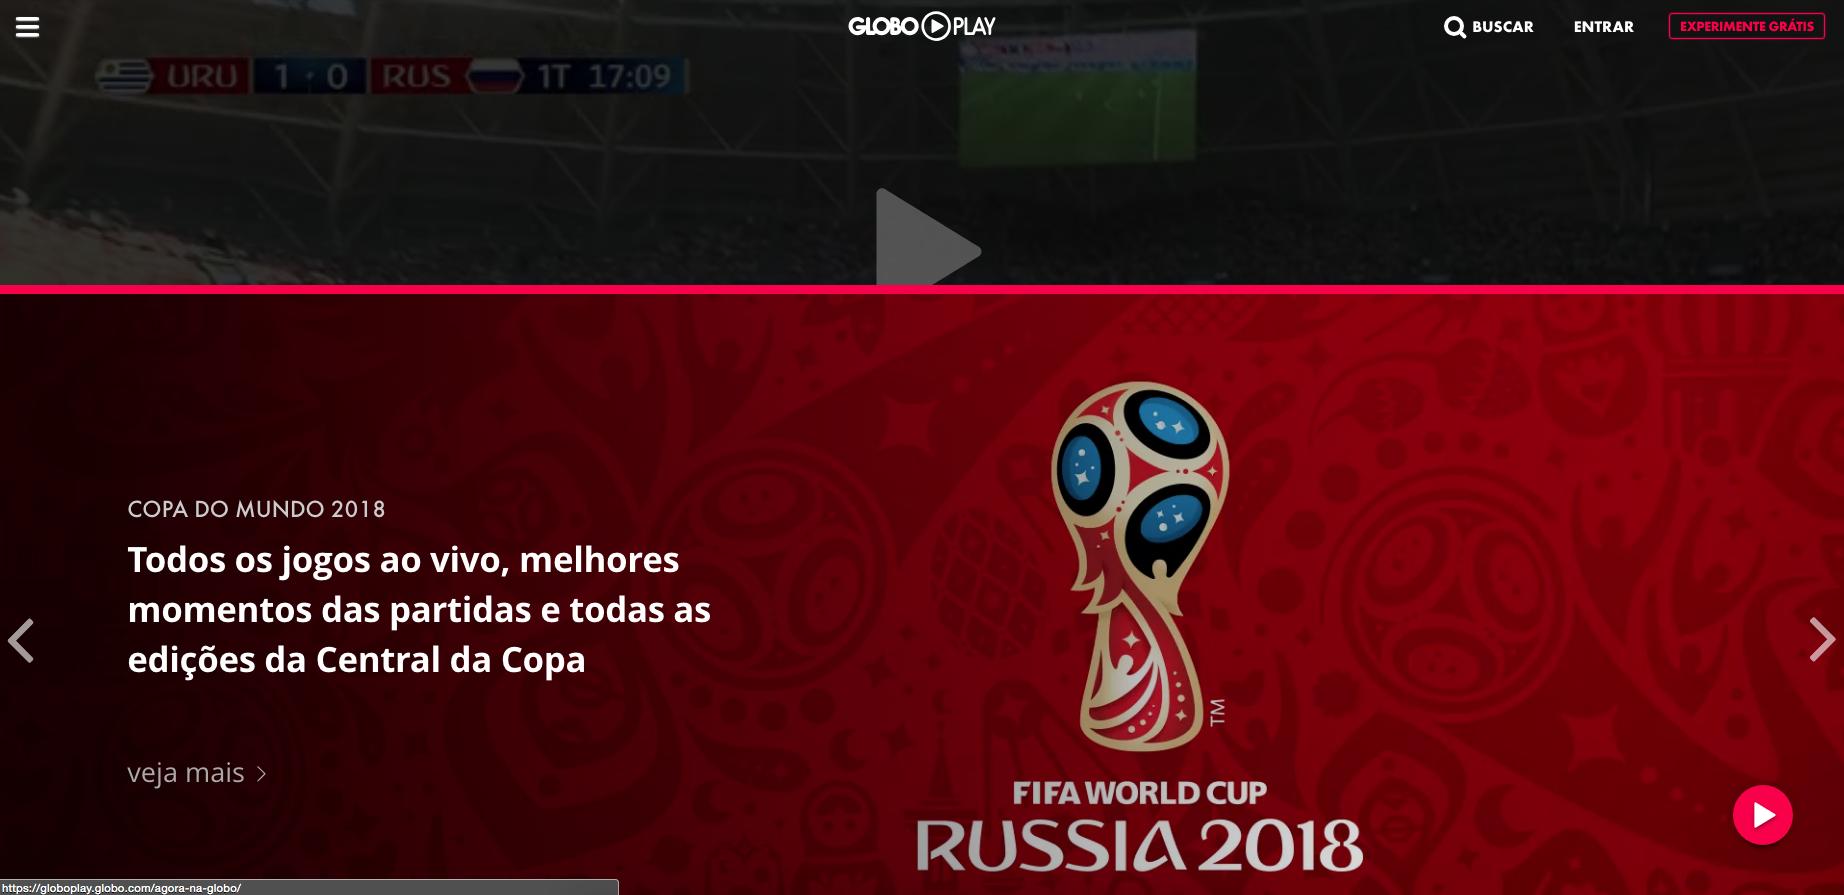 como assistir a copa do mundo pela globoplay